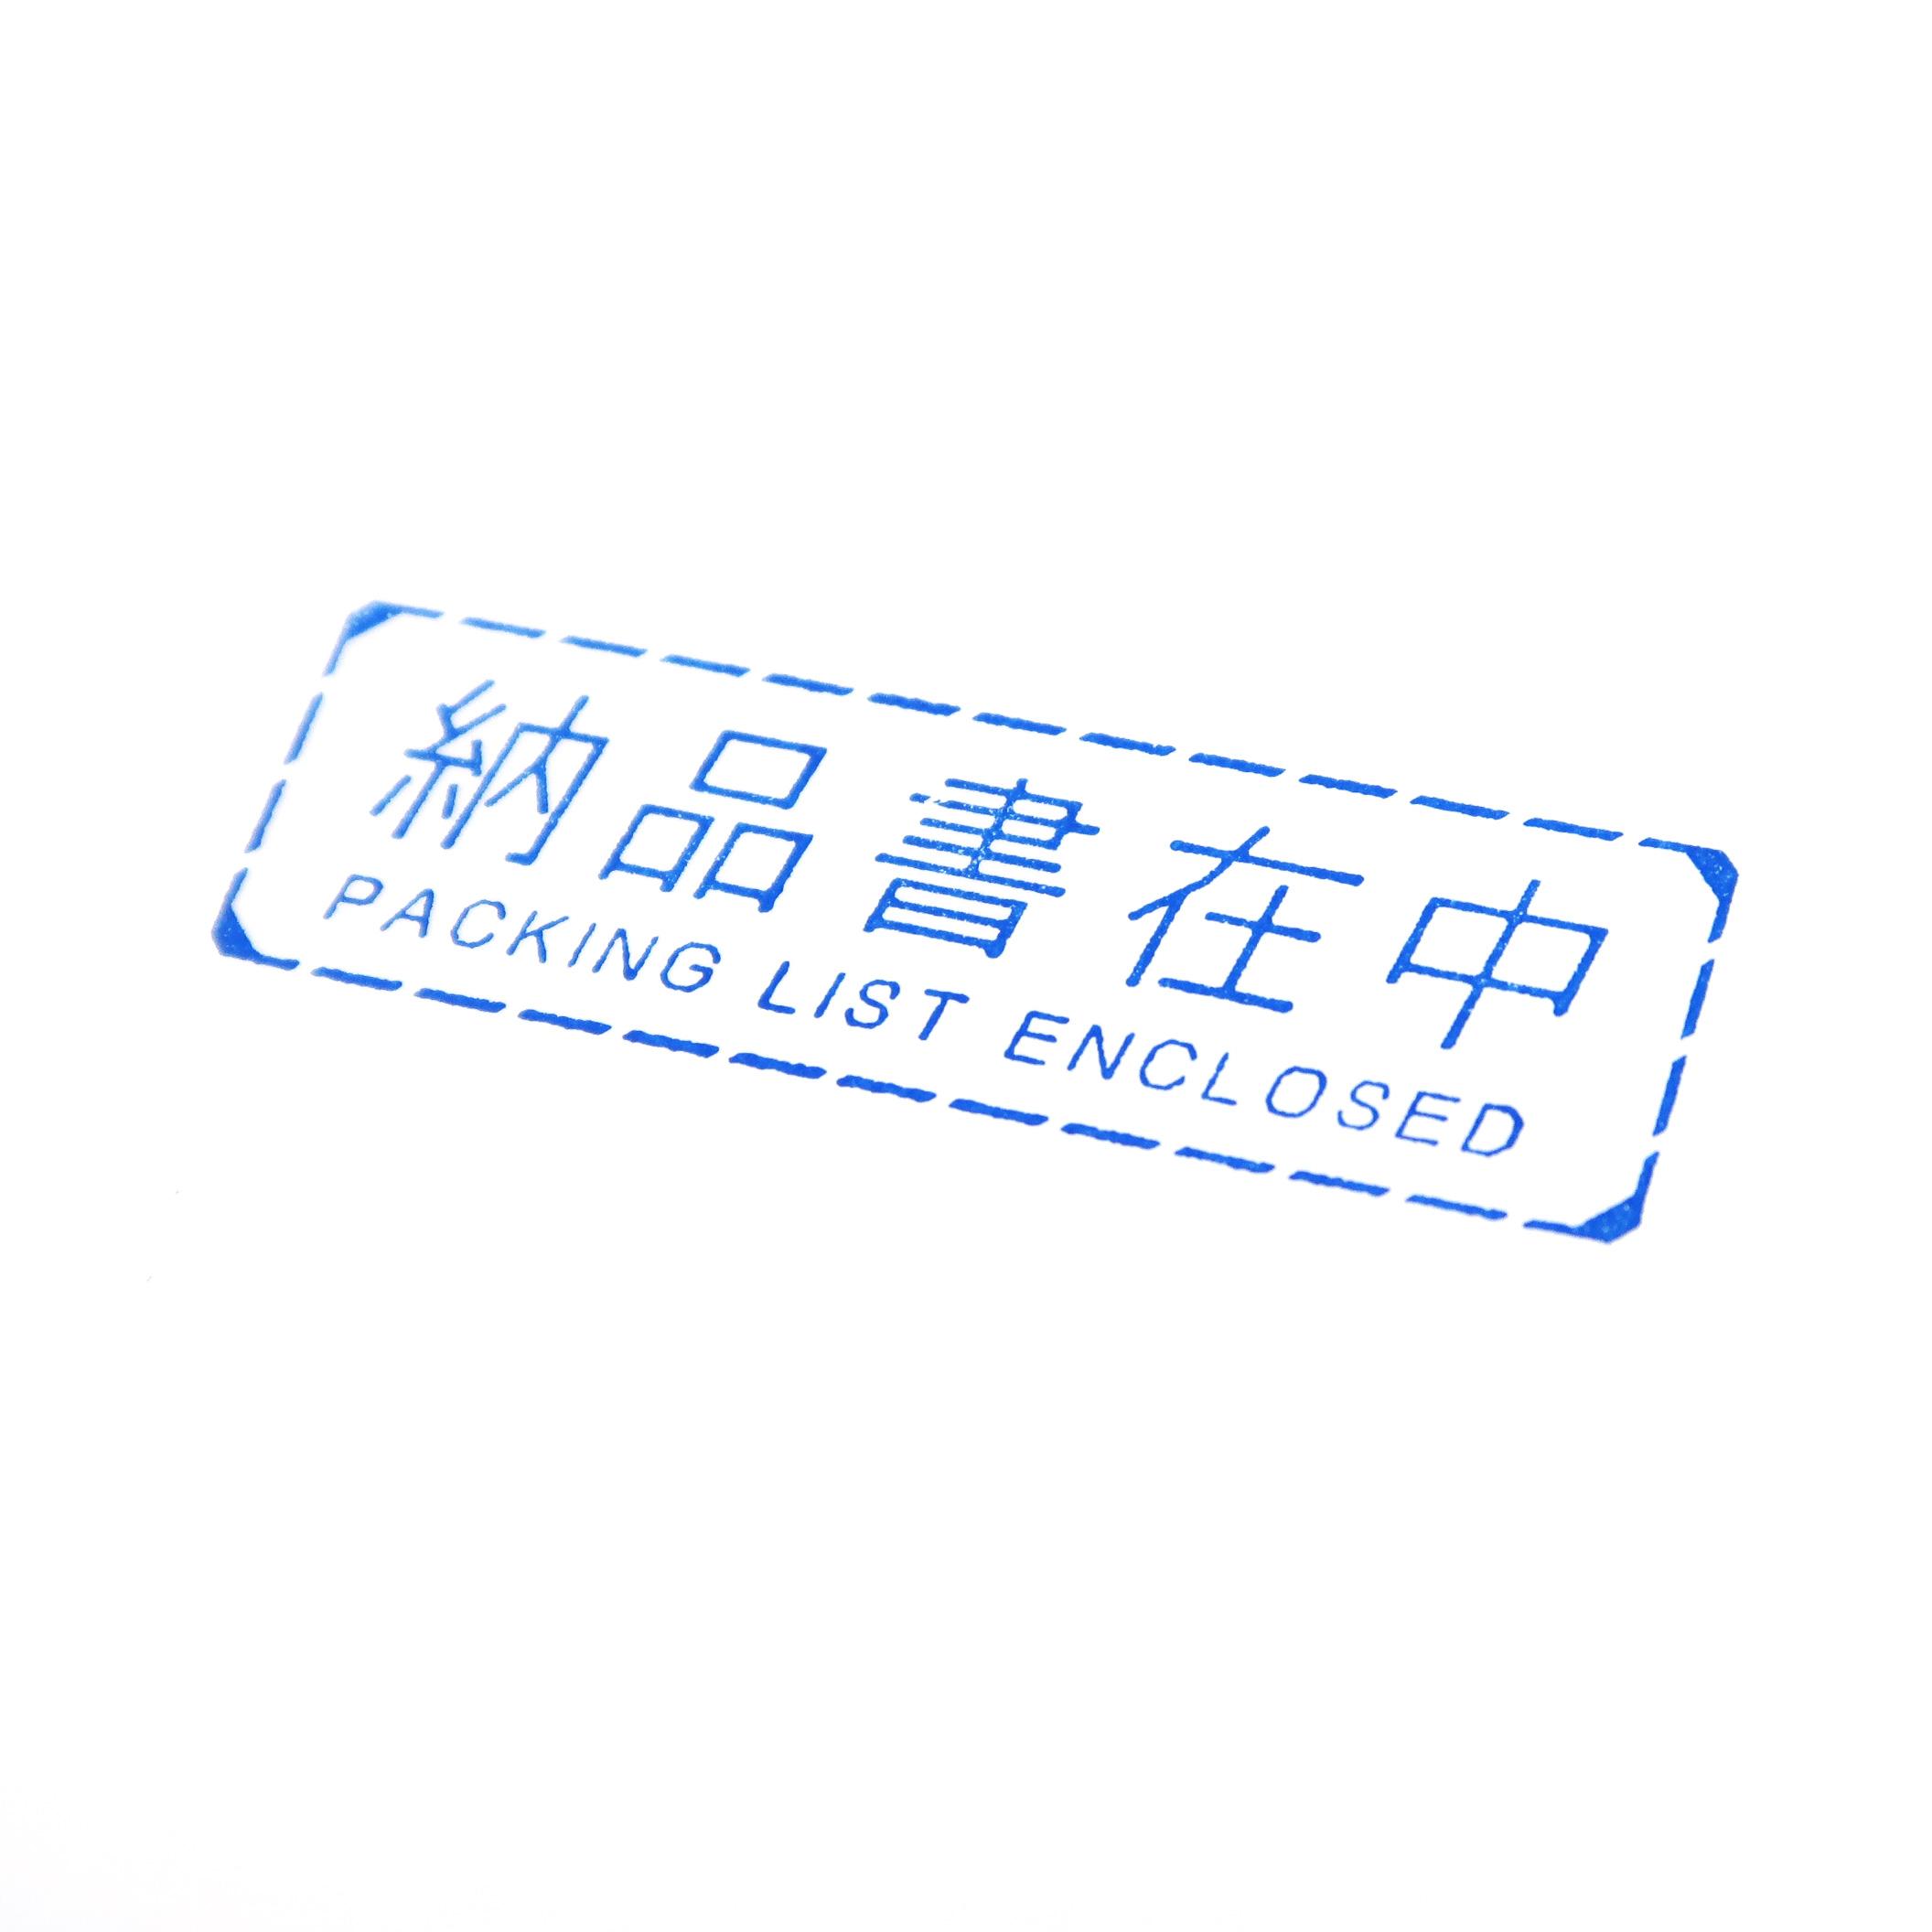 デザイン事務ハンコを展開しているJIMUHANの新商品!ありそうでなかった新しい「納品書在中」です!